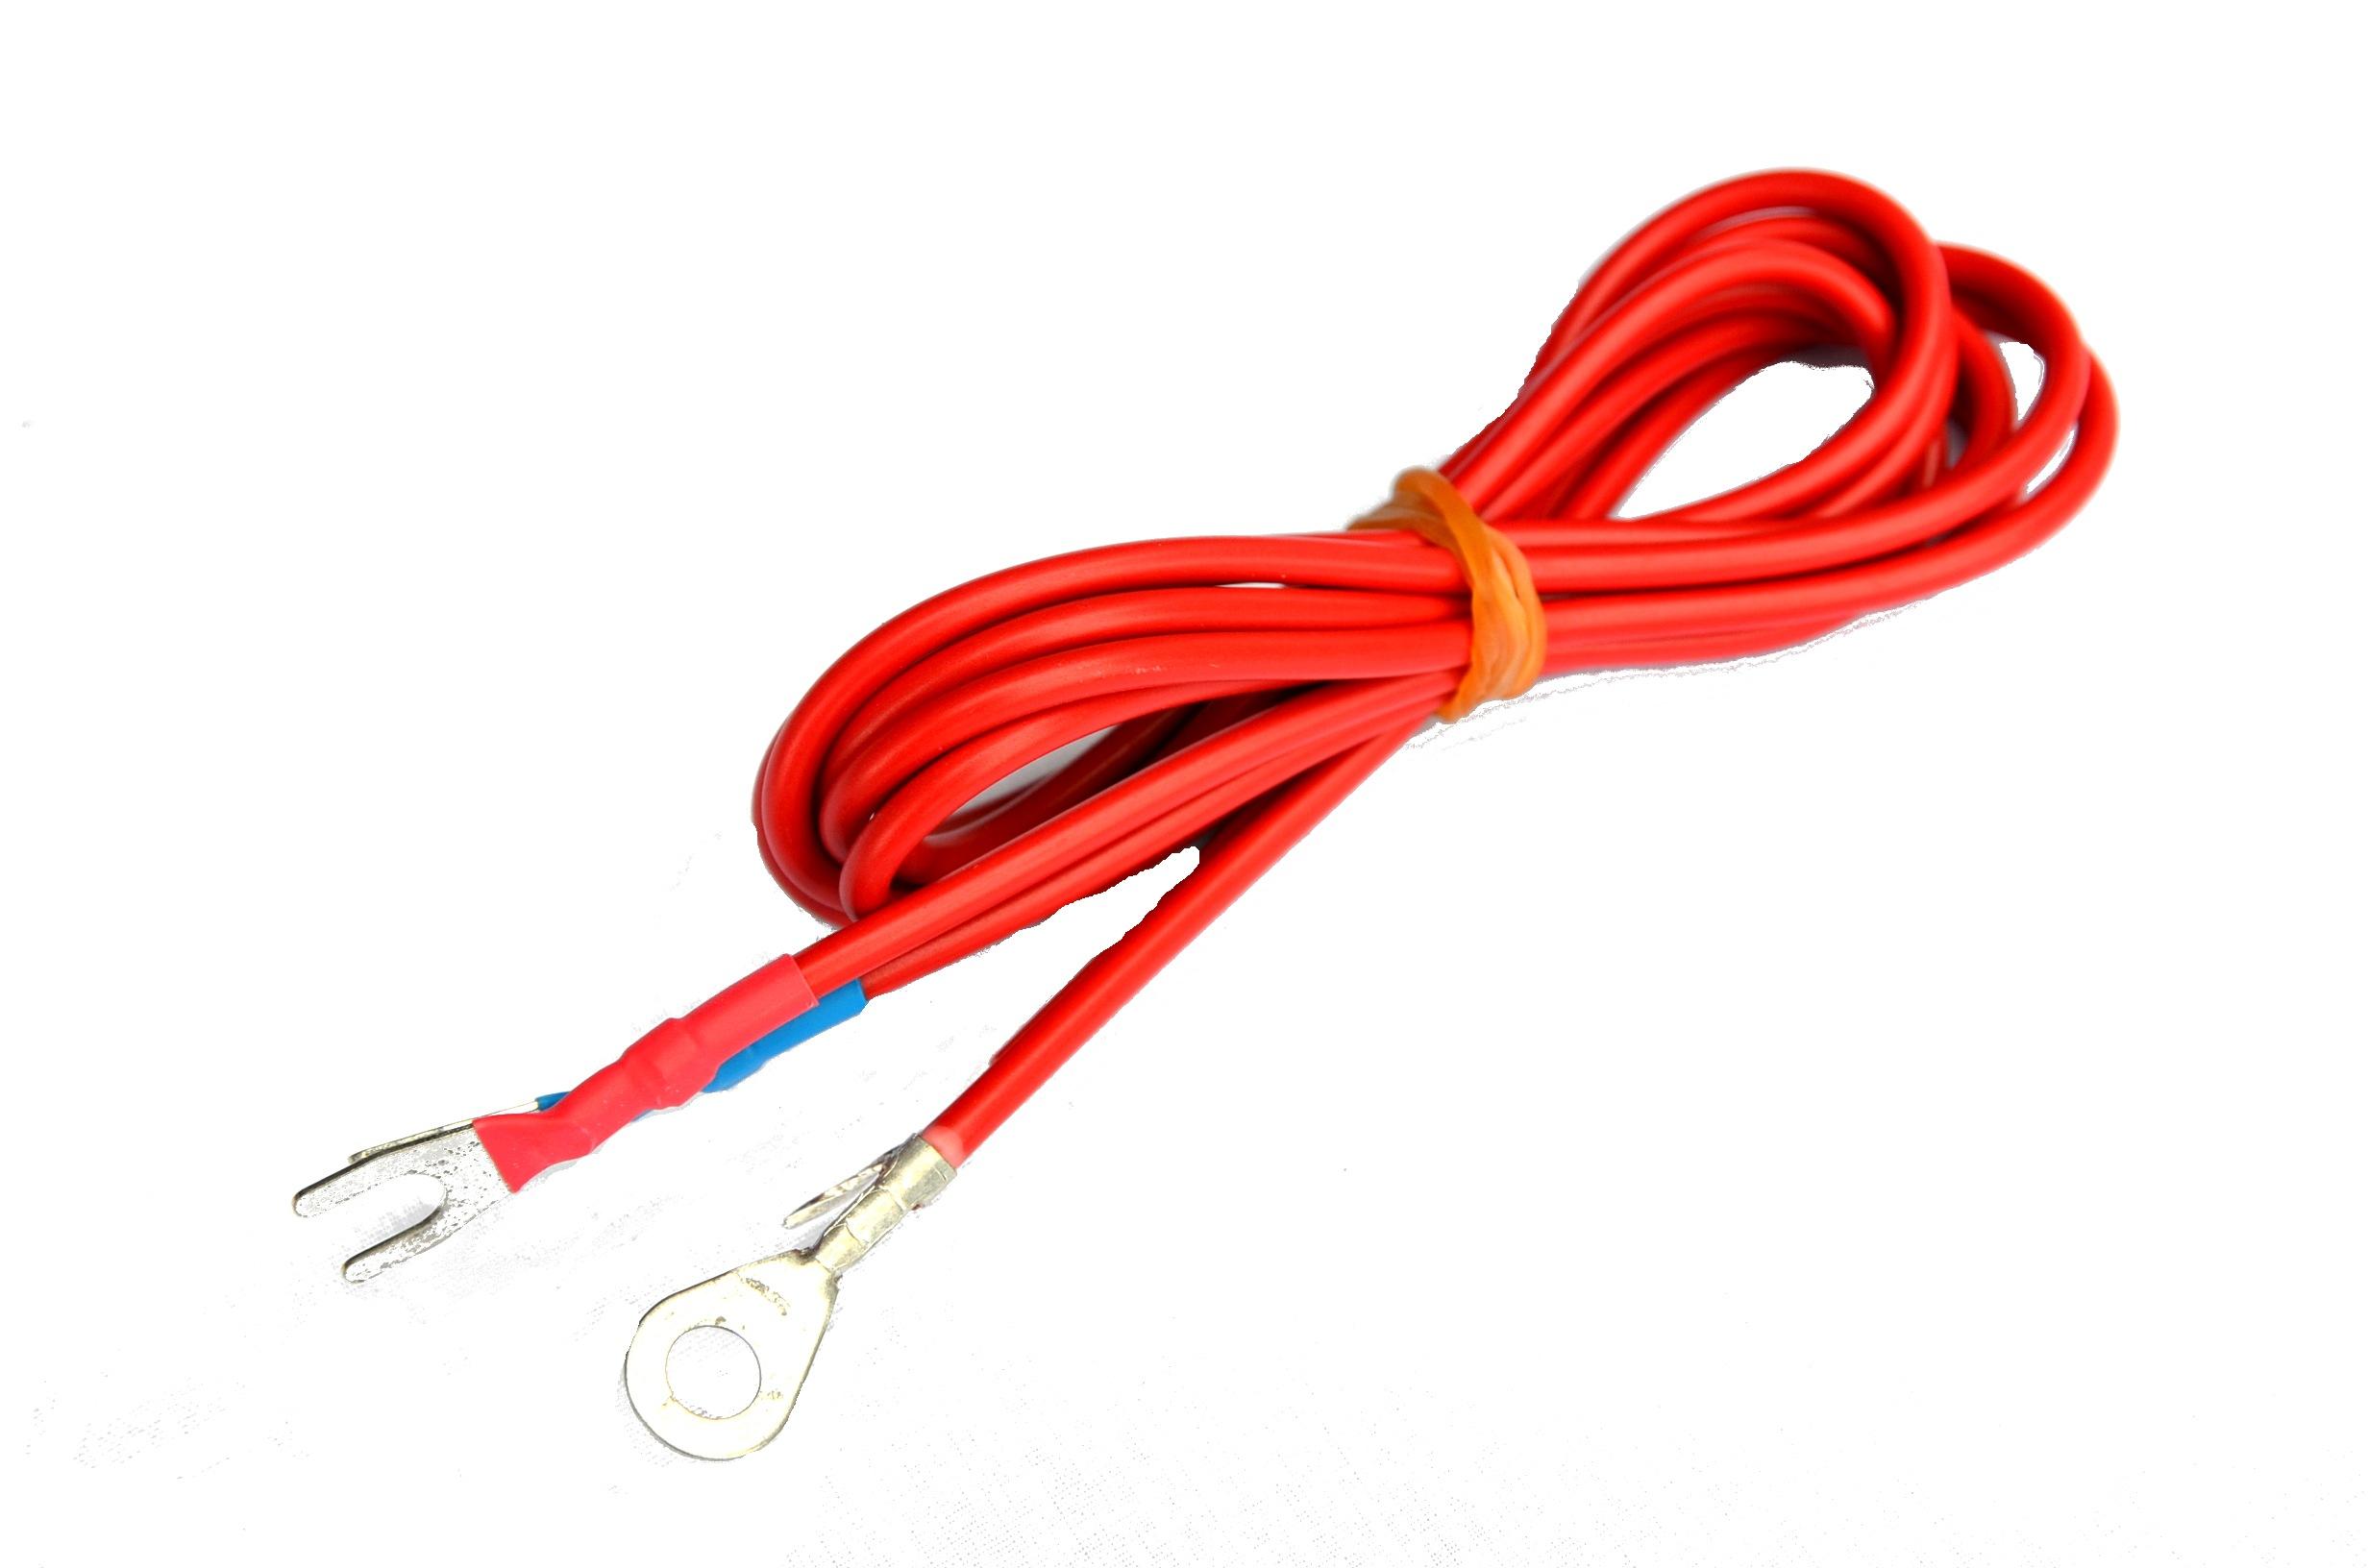 Соединительный кабель 5м, кабель электрический пастух